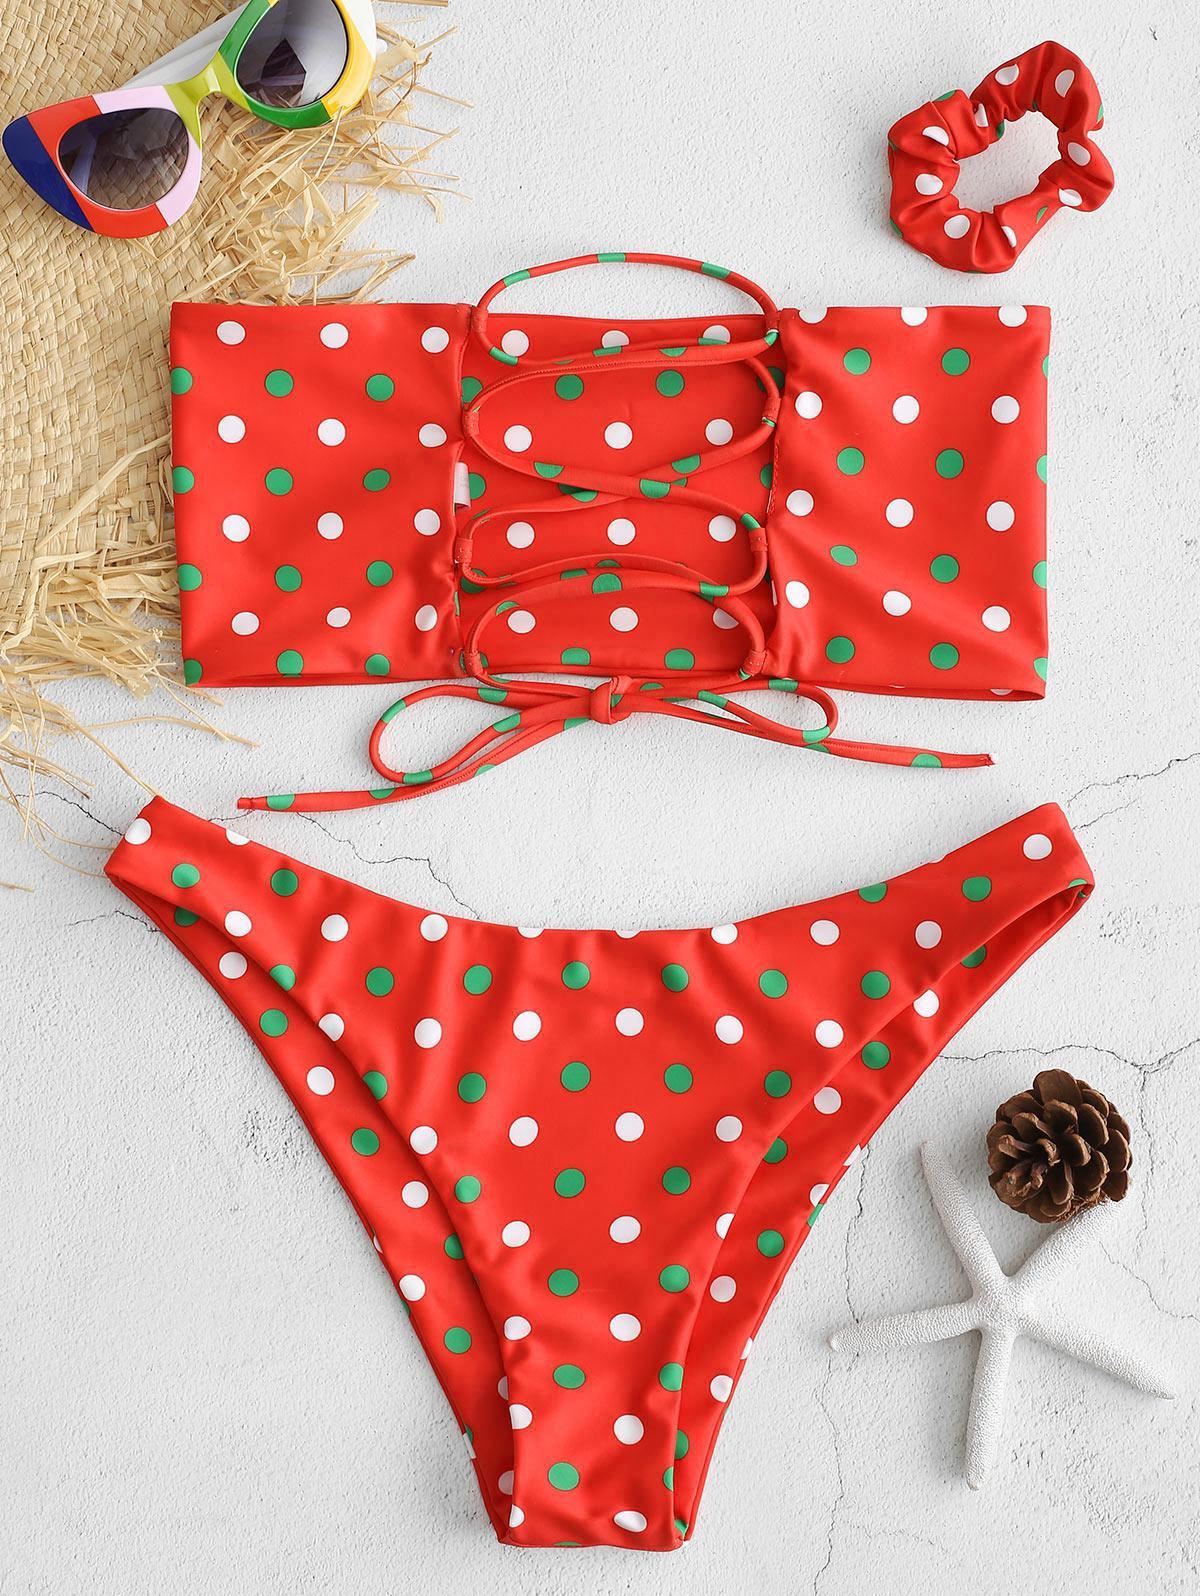 ZAFUL Lace-up Polka Dot Bikini with Hair Band, Red